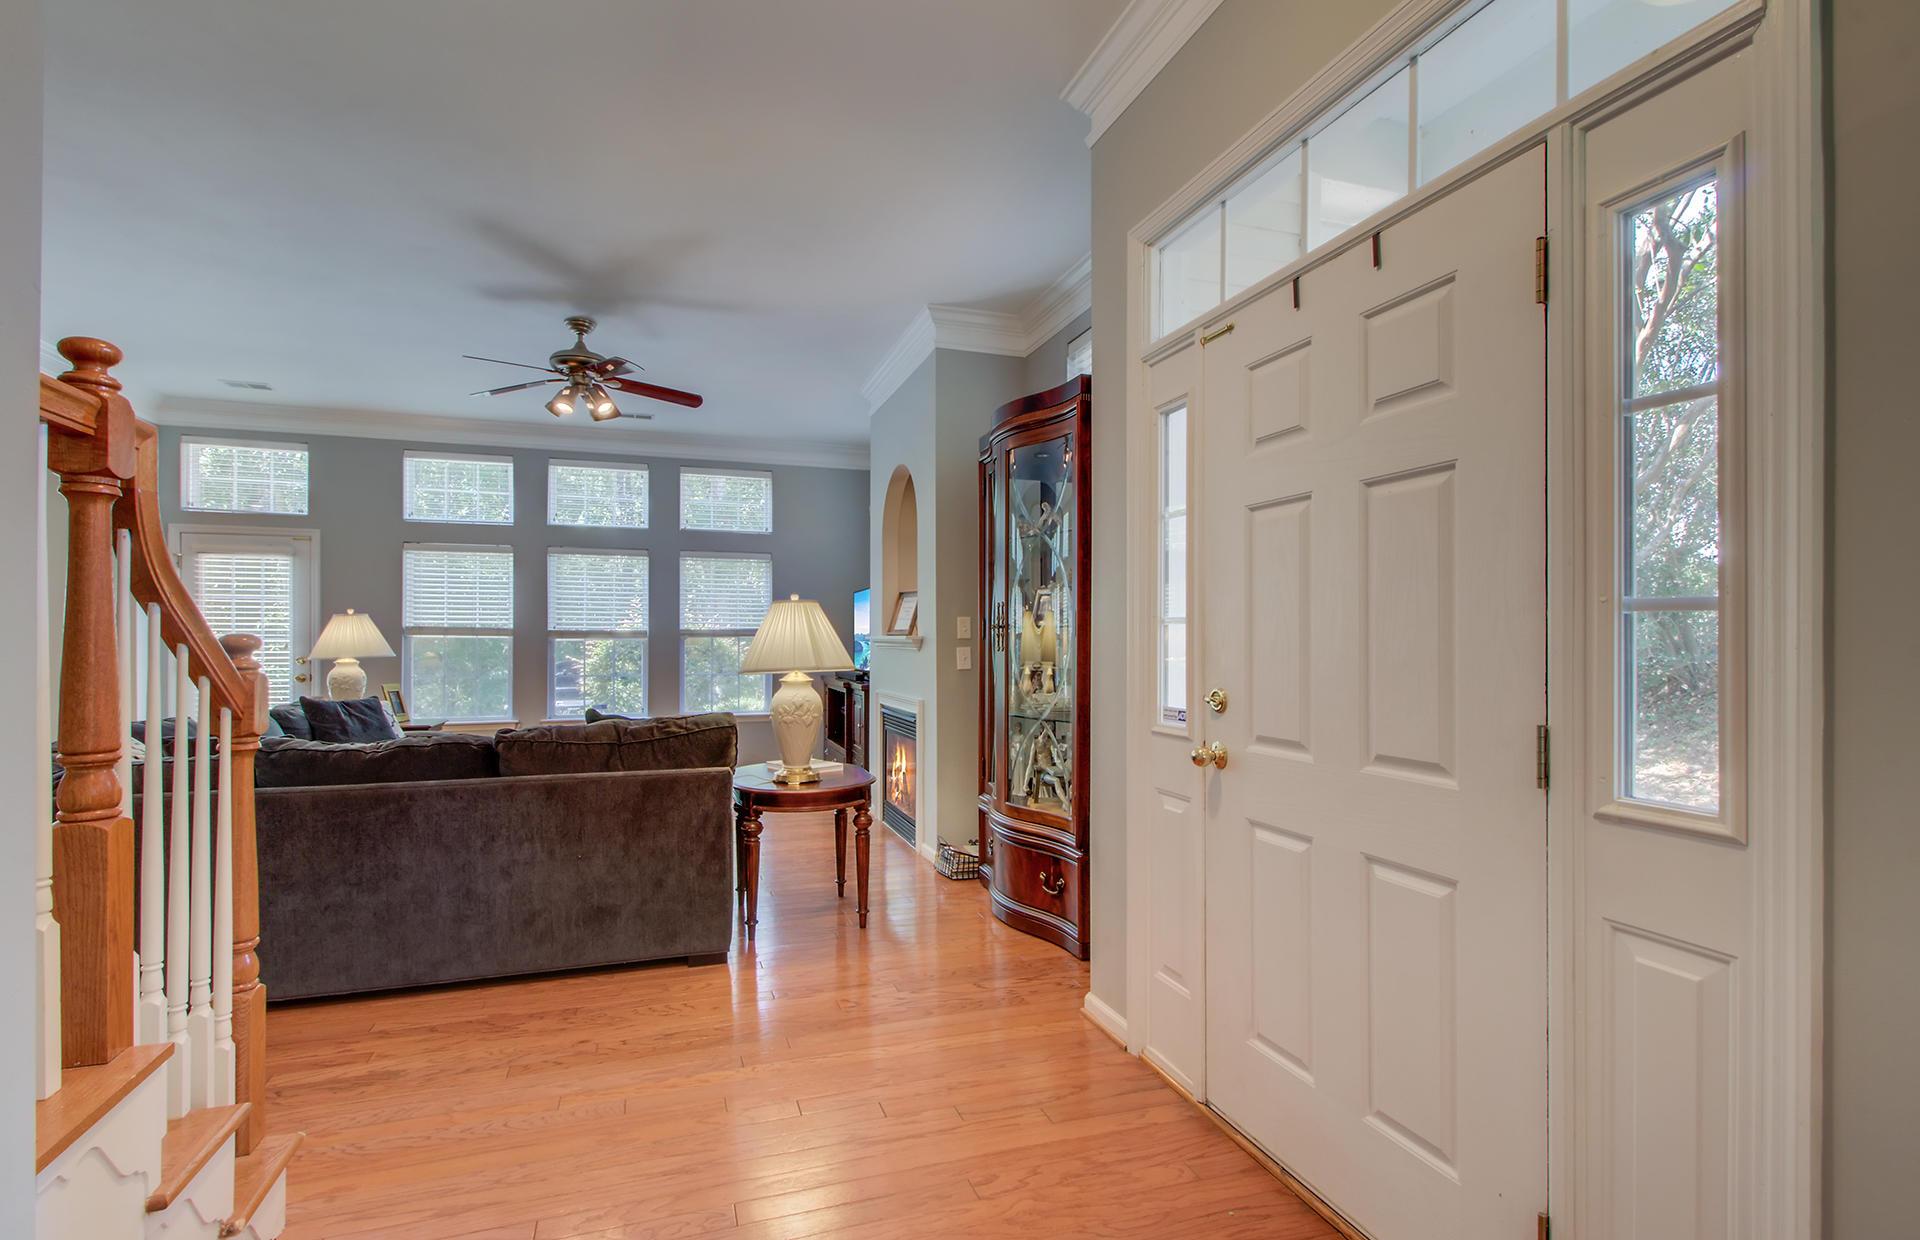 Park West Homes For Sale - 2500 Draymohr, Mount Pleasant, SC - 23